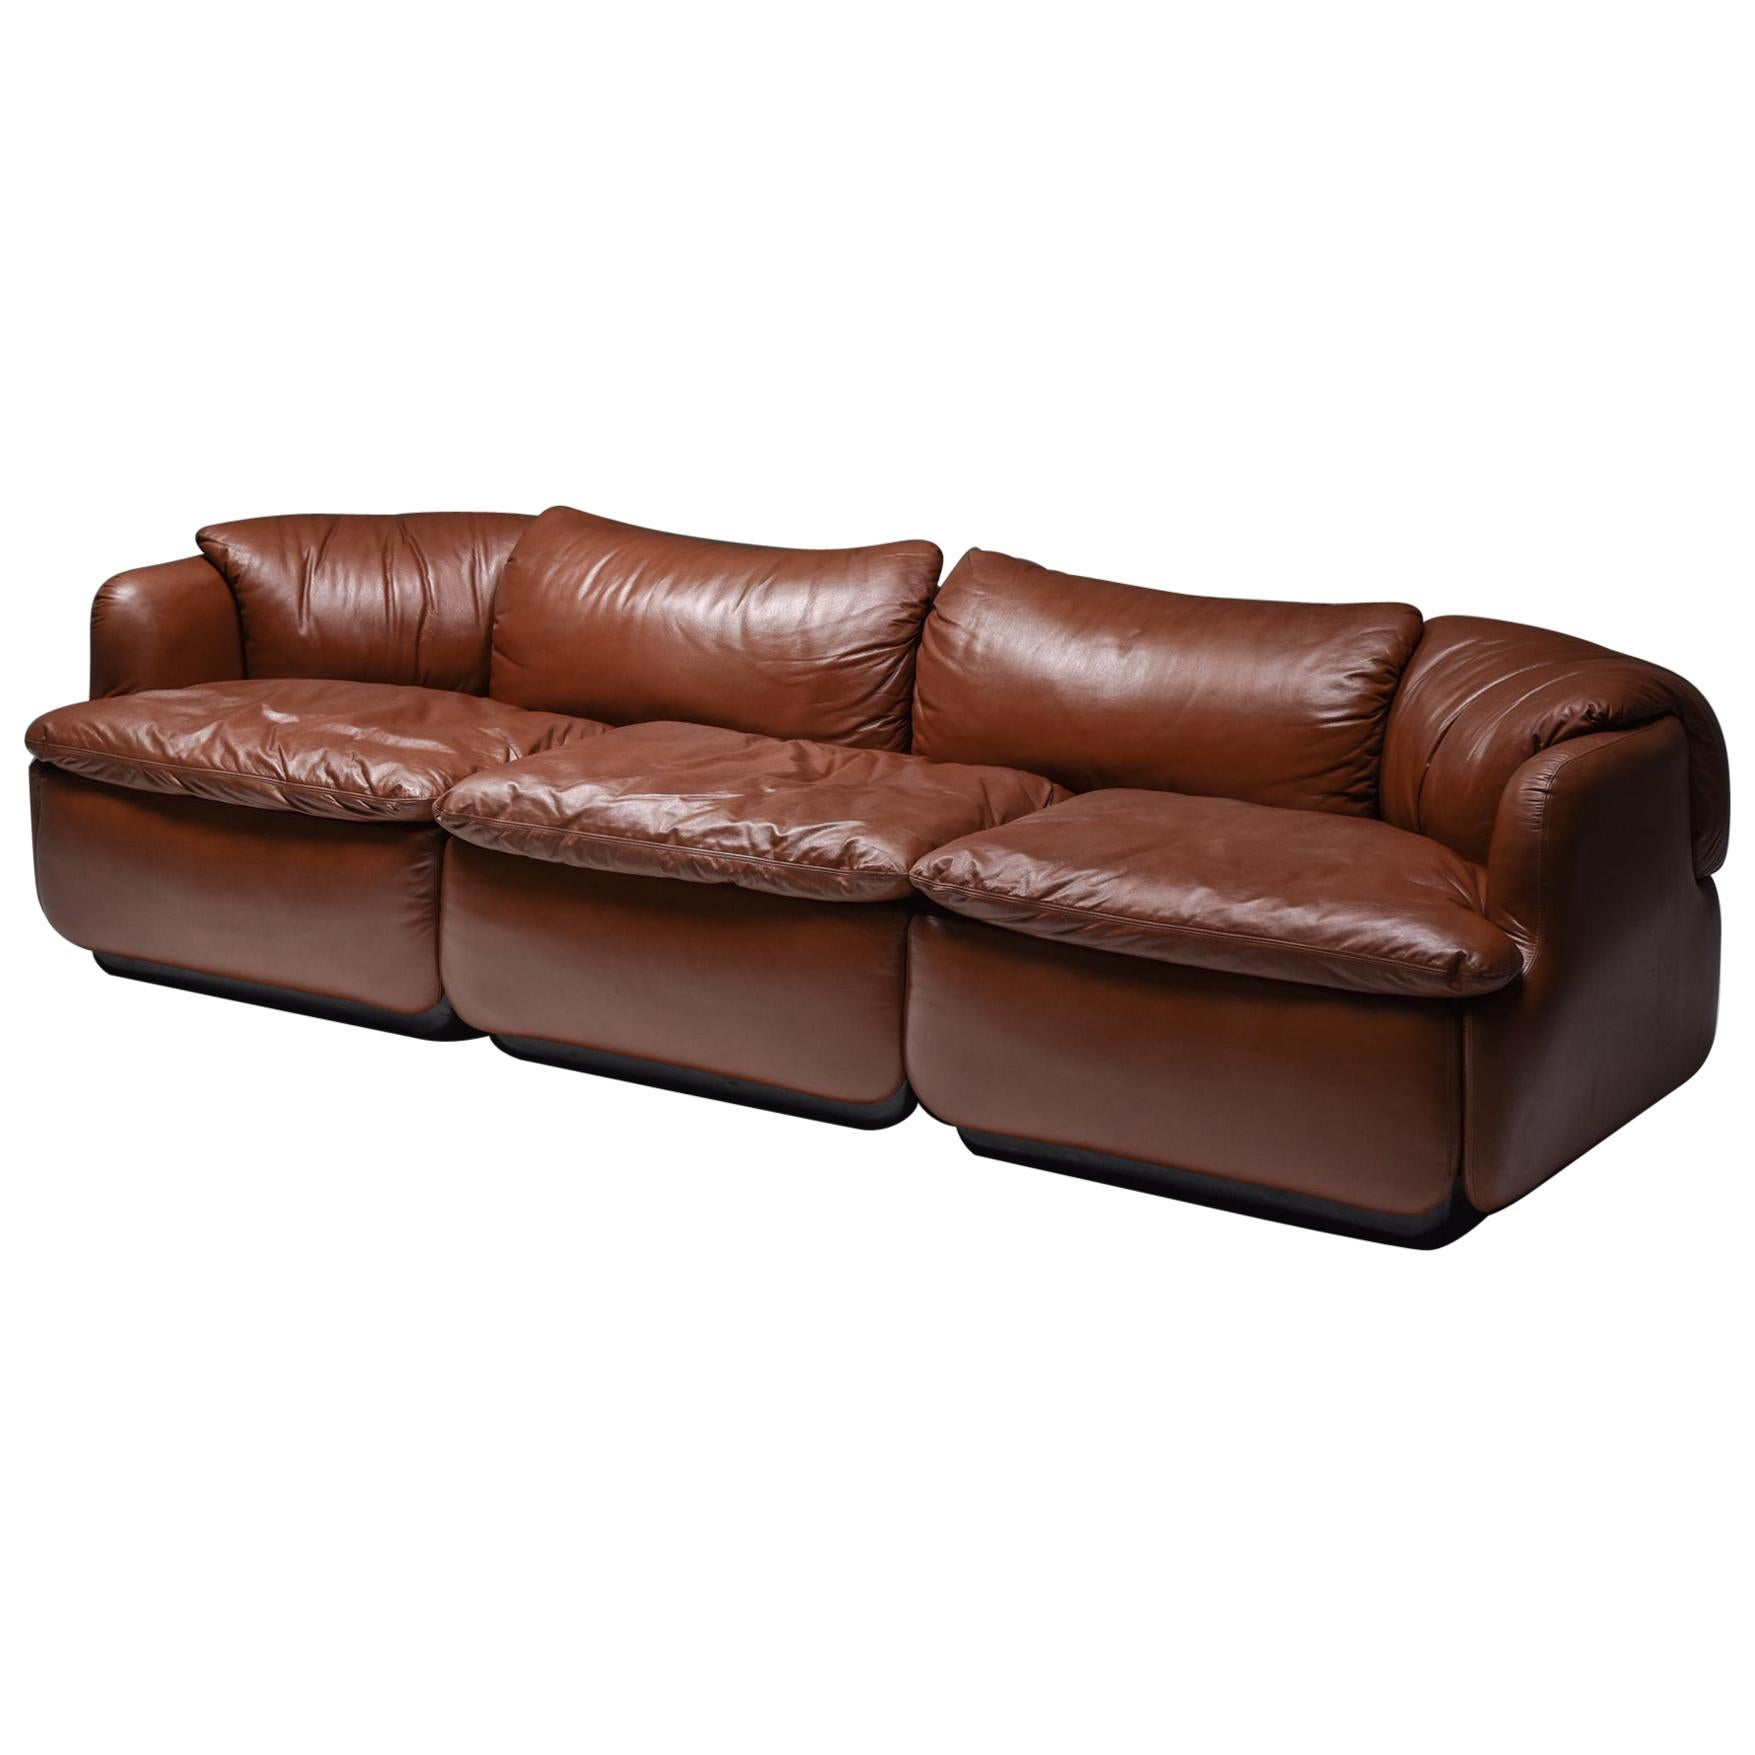 Saporiti 'Confidential' Cognac Leather Sofa by Alberto Rosselli